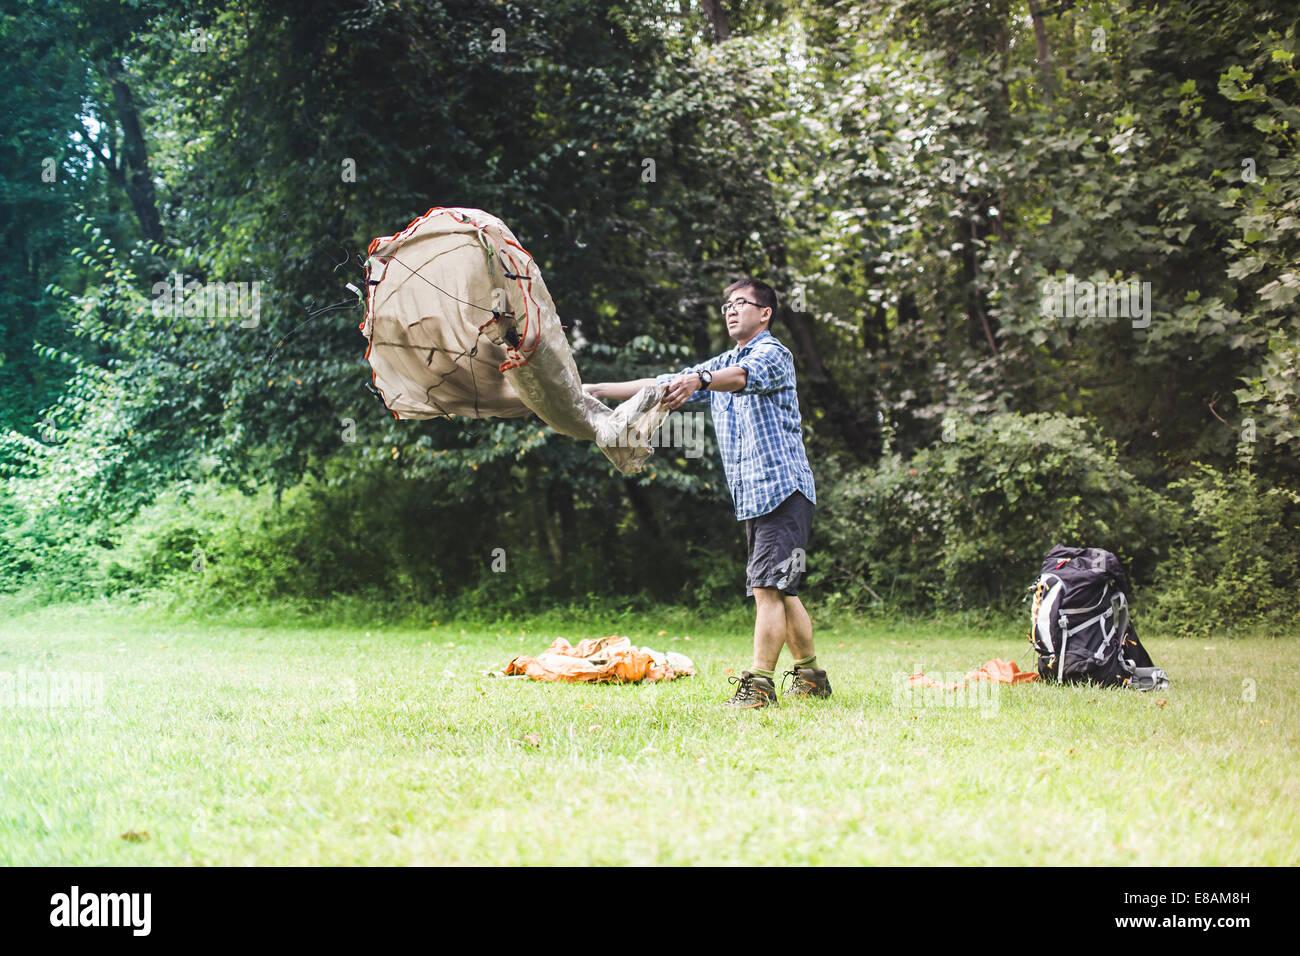 Mature man putting up tent - Stock Image